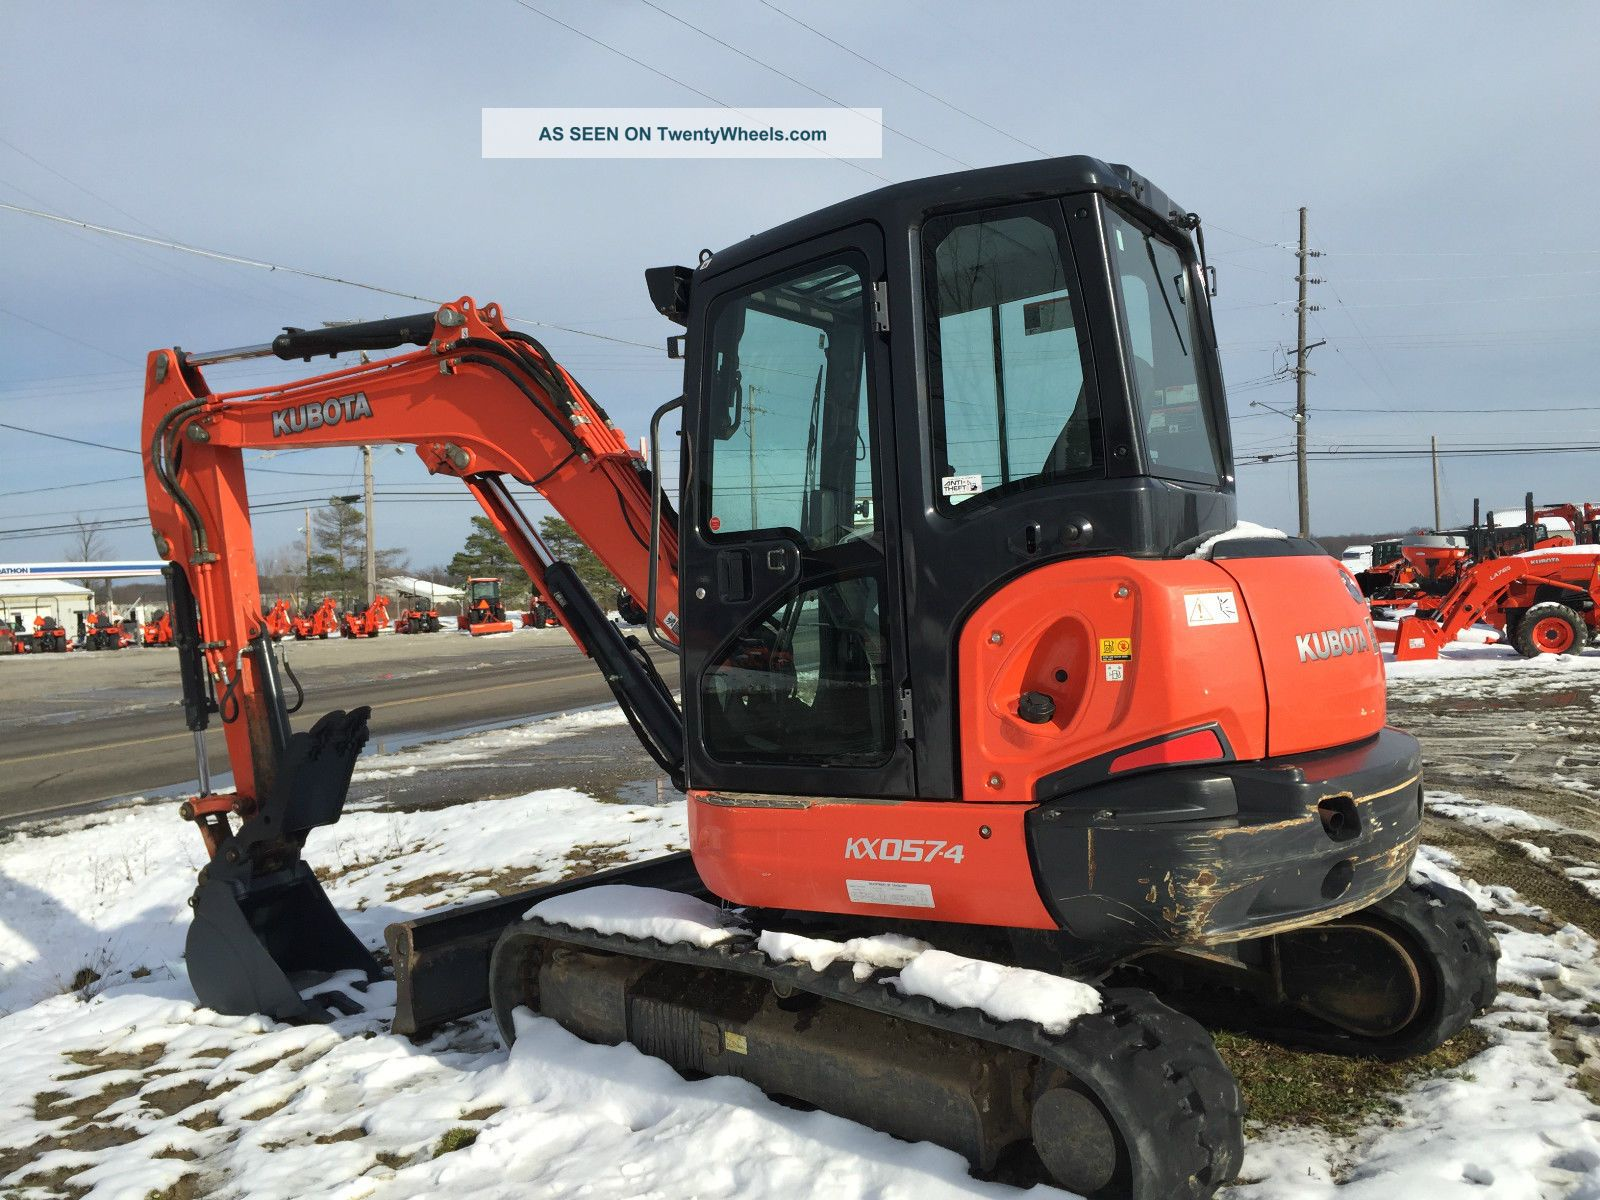 Kubota Kx 057 Excavator Loaded